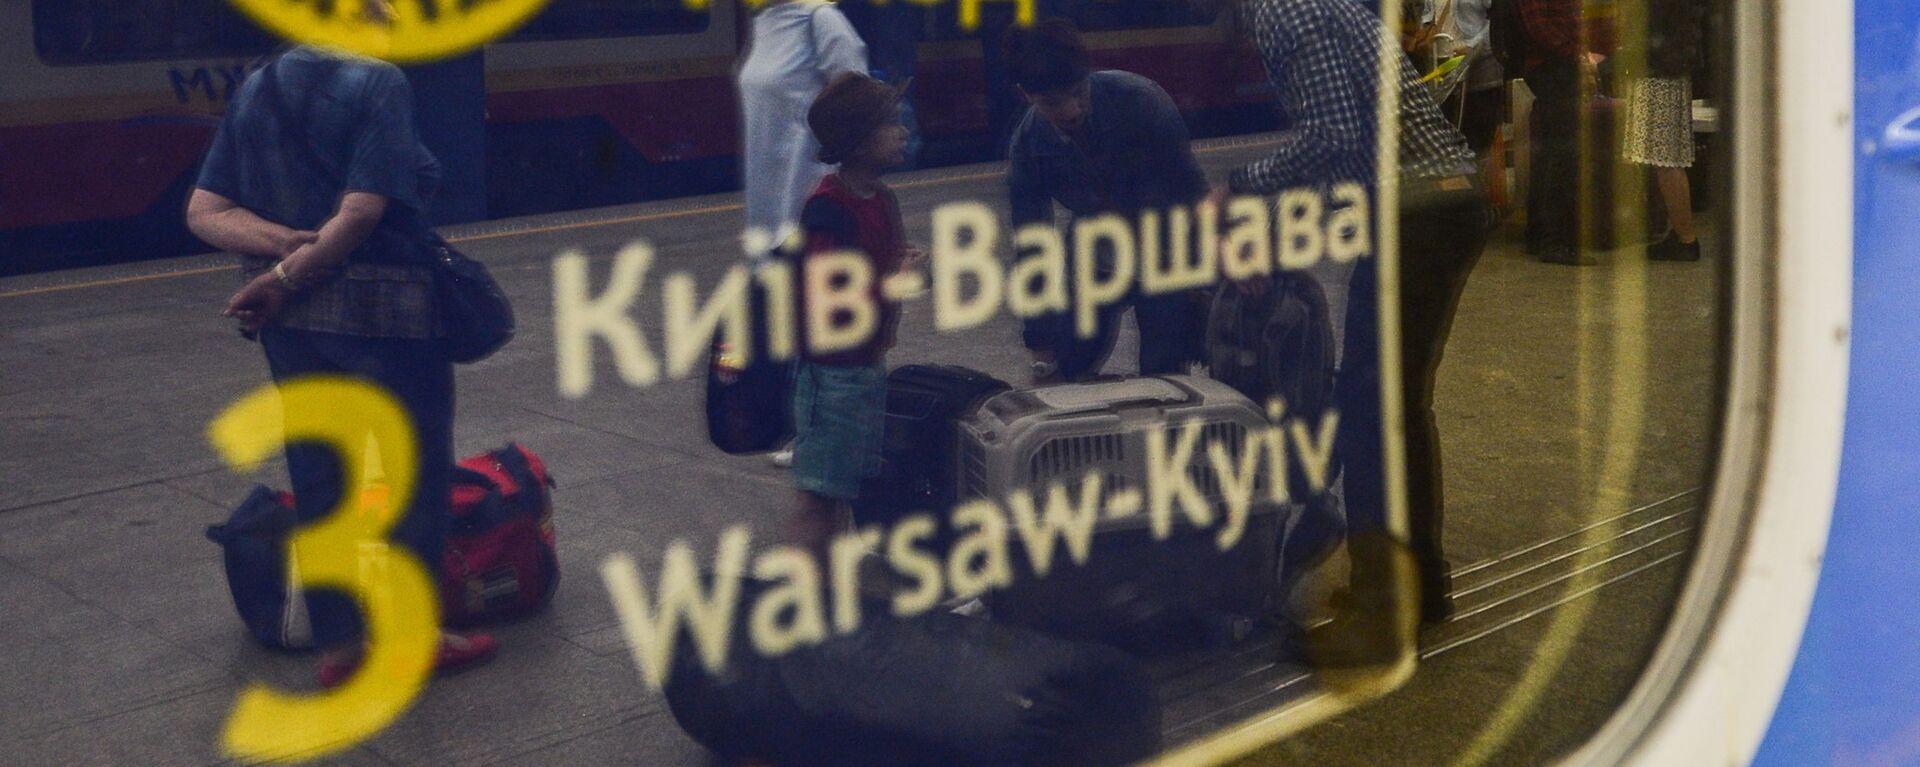 Pociąg Kijów-Warszawa na dworcu kolejowym w Warszawie - Sputnik Polska, 1920, 09.04.2021